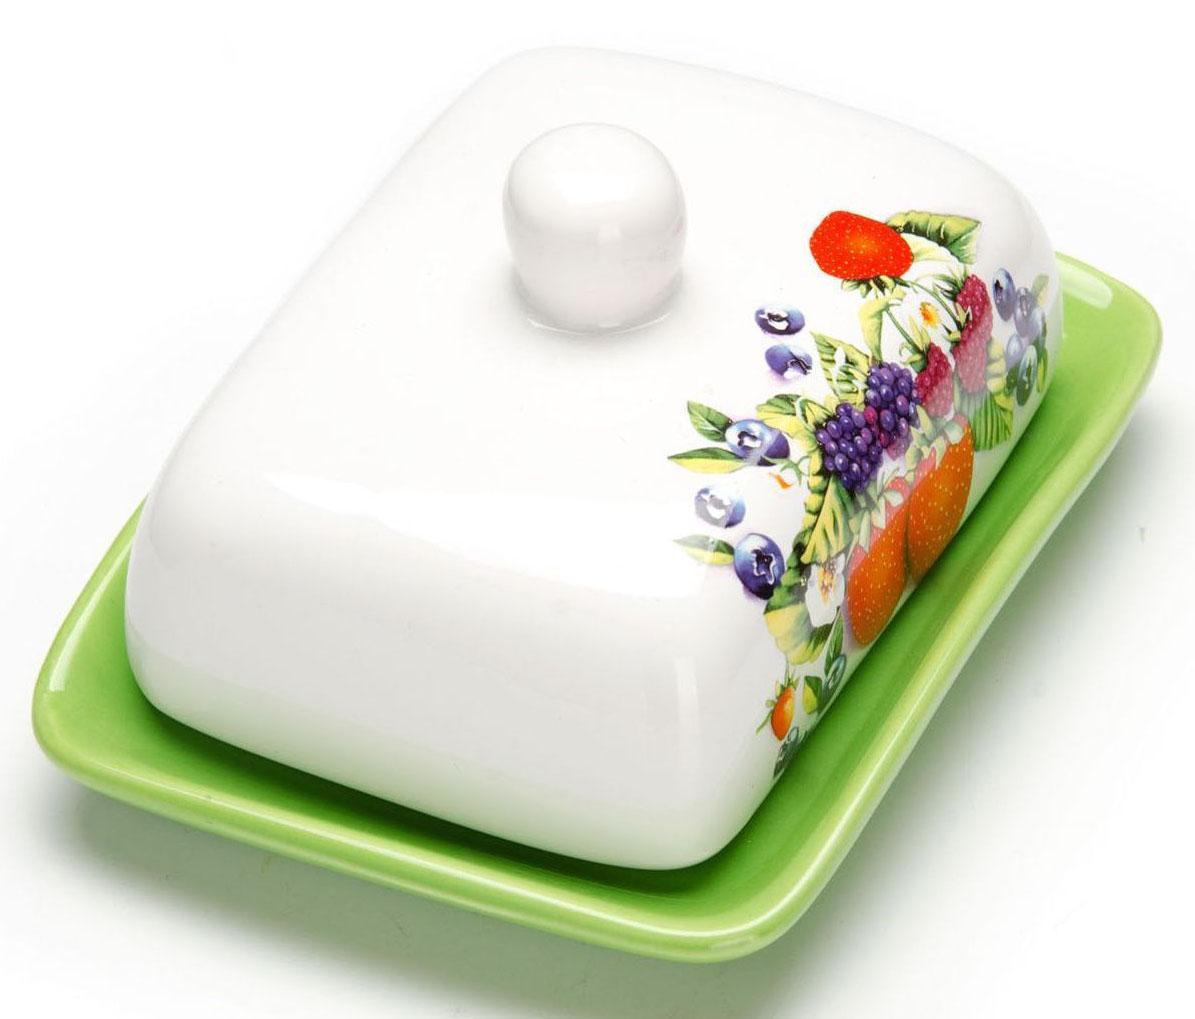 Масленка Loraine Ягоды. 2627326273Масленка Loraine, выполненная из качественной доломитовой керамики и декорированная ярким рисунком, станет украшением интерьера вашей кухни. Масленка надежно закрывается керамической крышкой и прекрасно подойдет для хранения и сервировки масла, сыра, творога.Масленка рассчитана примерно на 200 грамм масла.Пригодна для использования в холодильнике, морозильнике, микроволновой печи.Подходит для мытья в посудомоечной машине. Размер блюда: 17 х 12,5 х 2,3 см.Размер крышки: 14 х 10 х 7,5 см.Общий размер масленки: 17 х 18,5 х 8,5 см.